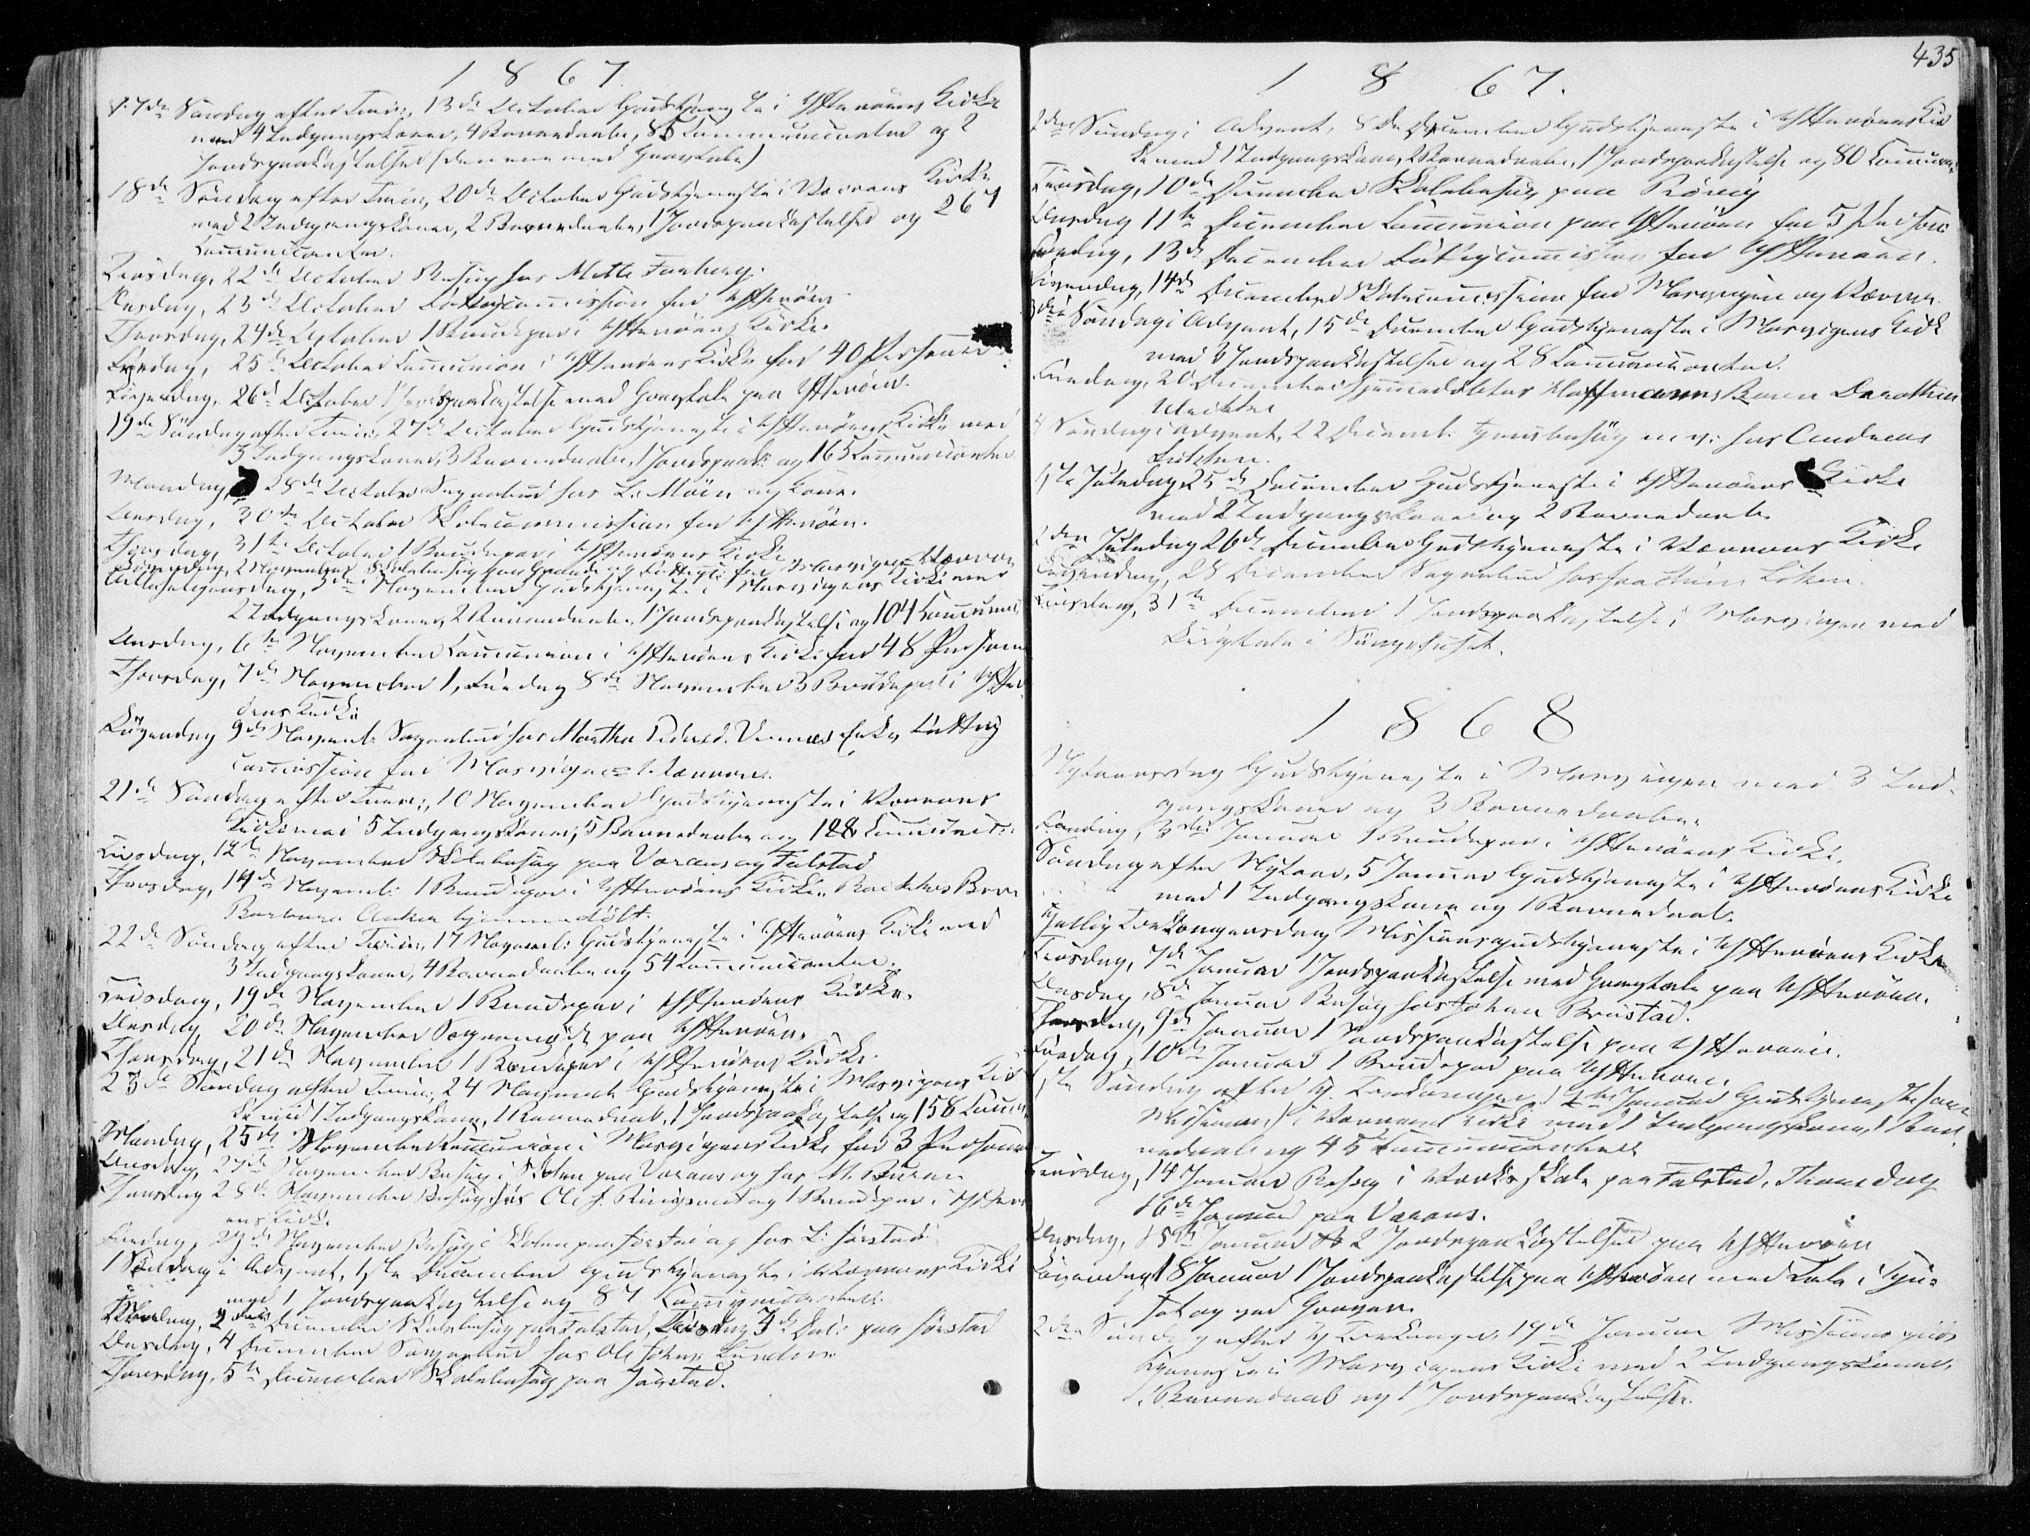 SAT, Ministerialprotokoller, klokkerbøker og fødselsregistre - Nord-Trøndelag, 722/L0218: Ministerialbok nr. 722A05, 1843-1868, s. 435